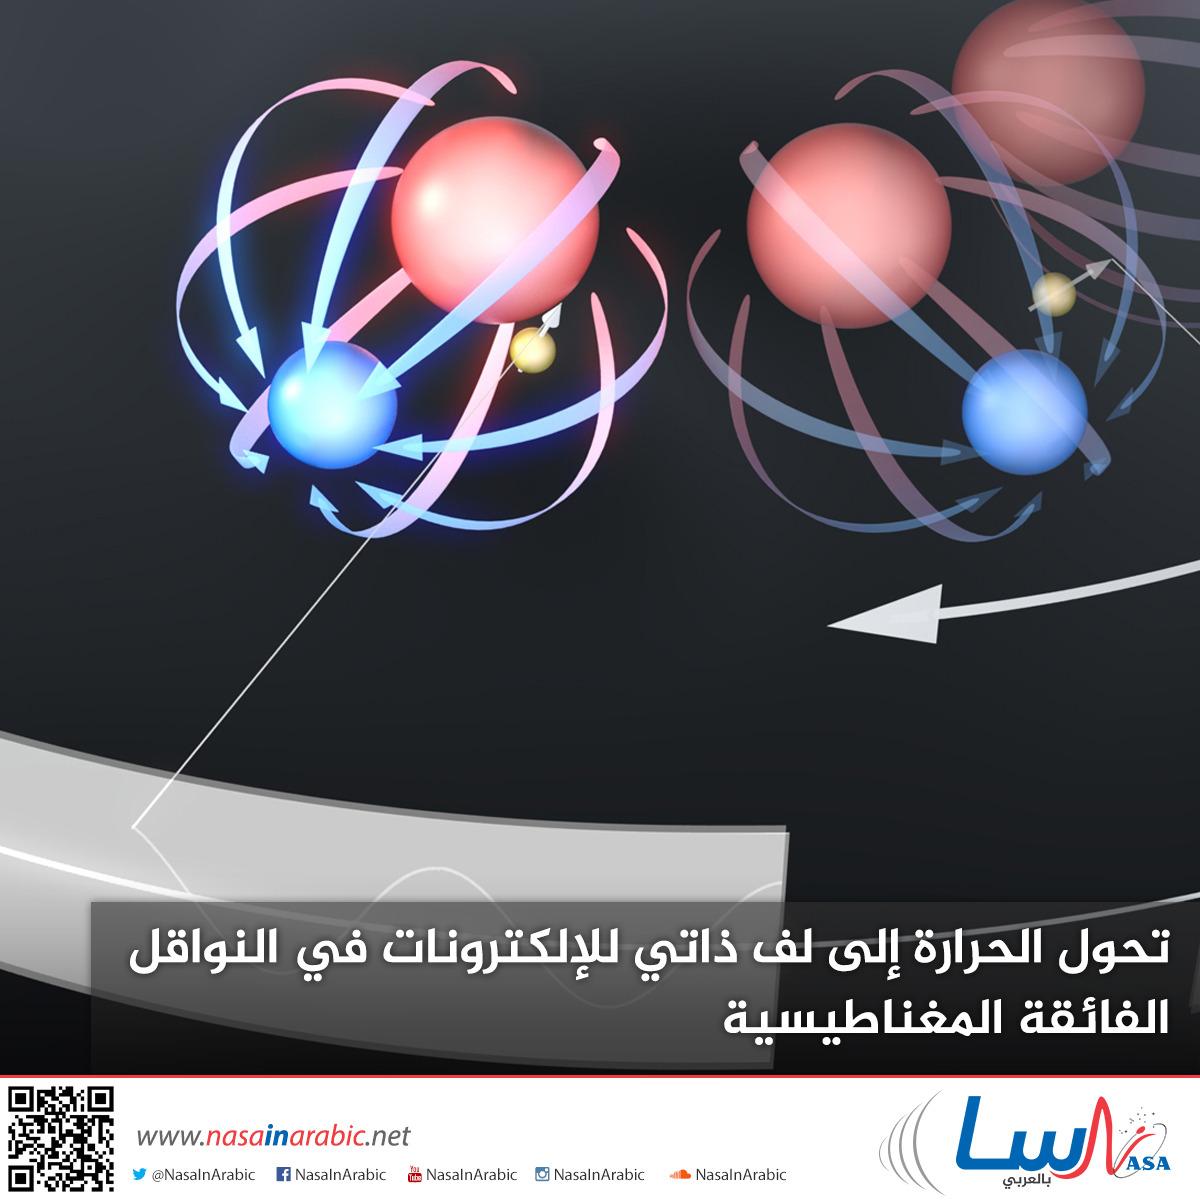 تحول الحرارة إلى لف ذاتي للإلكترونات في النواقل الفائقة المغناطيسية